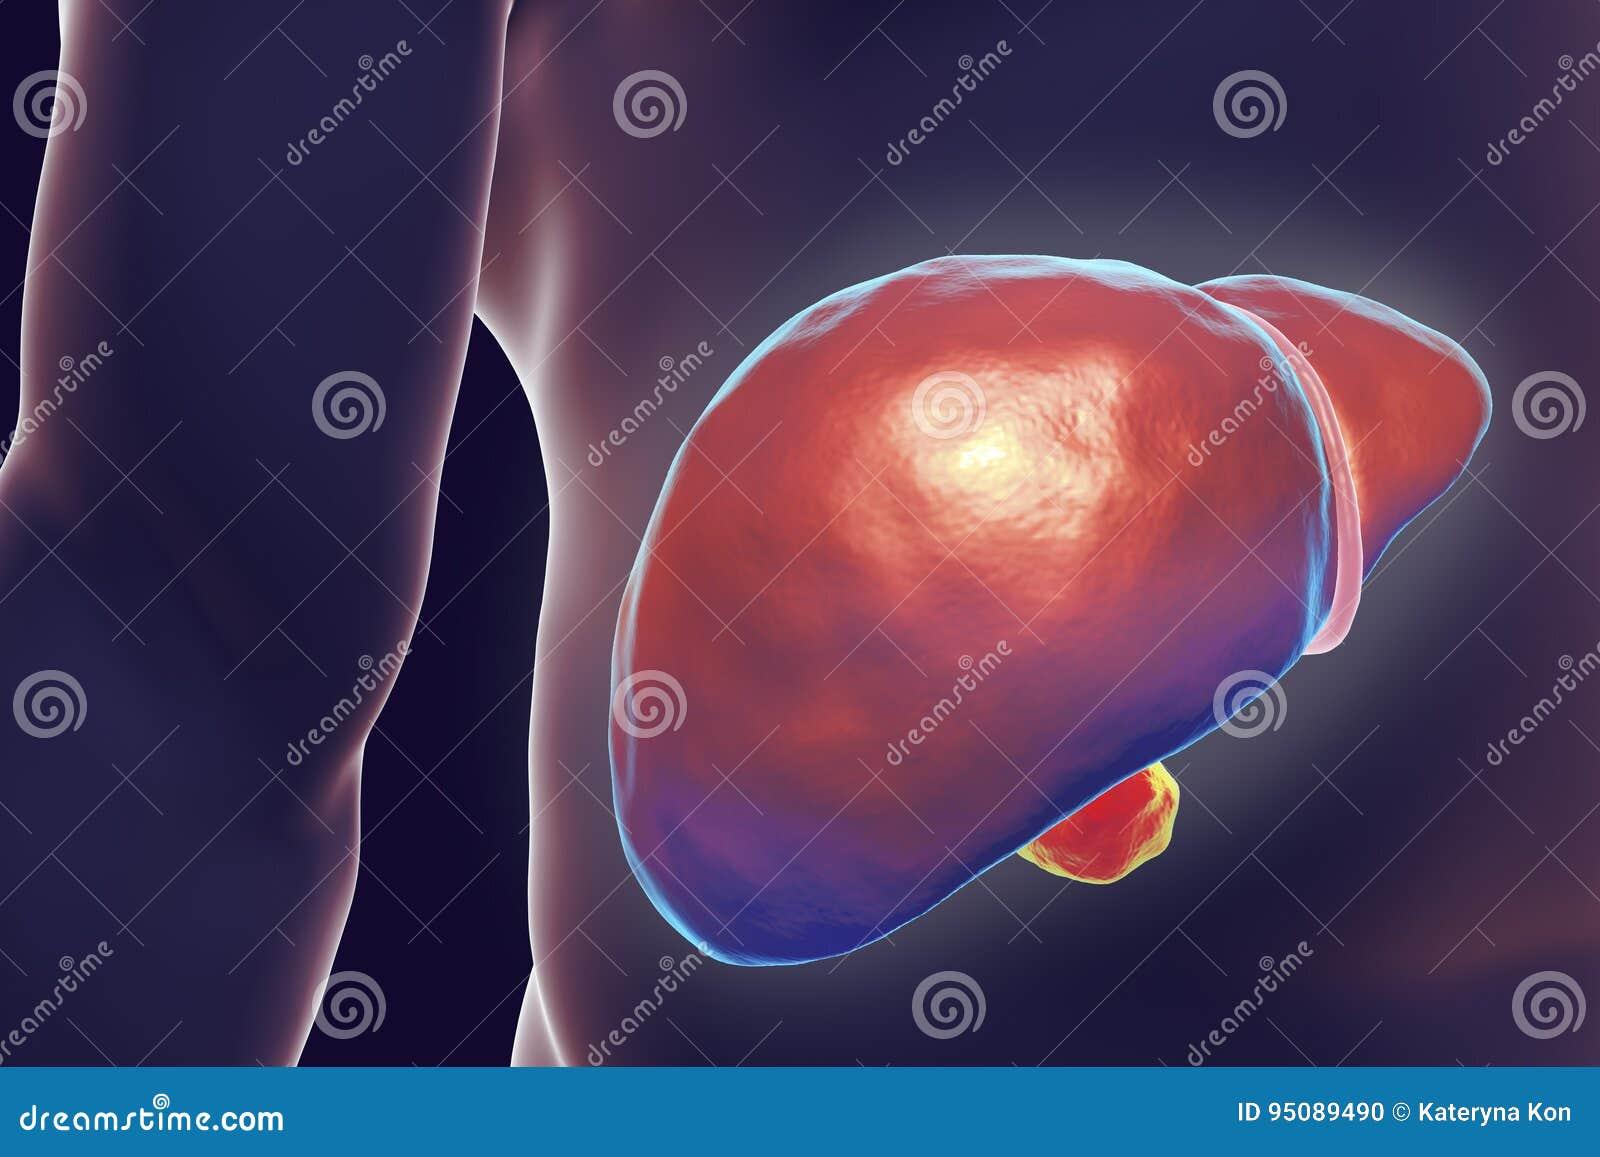 Hígado Dentro Del Cuerpo Humano Stock de ilustración - Ilustración ...